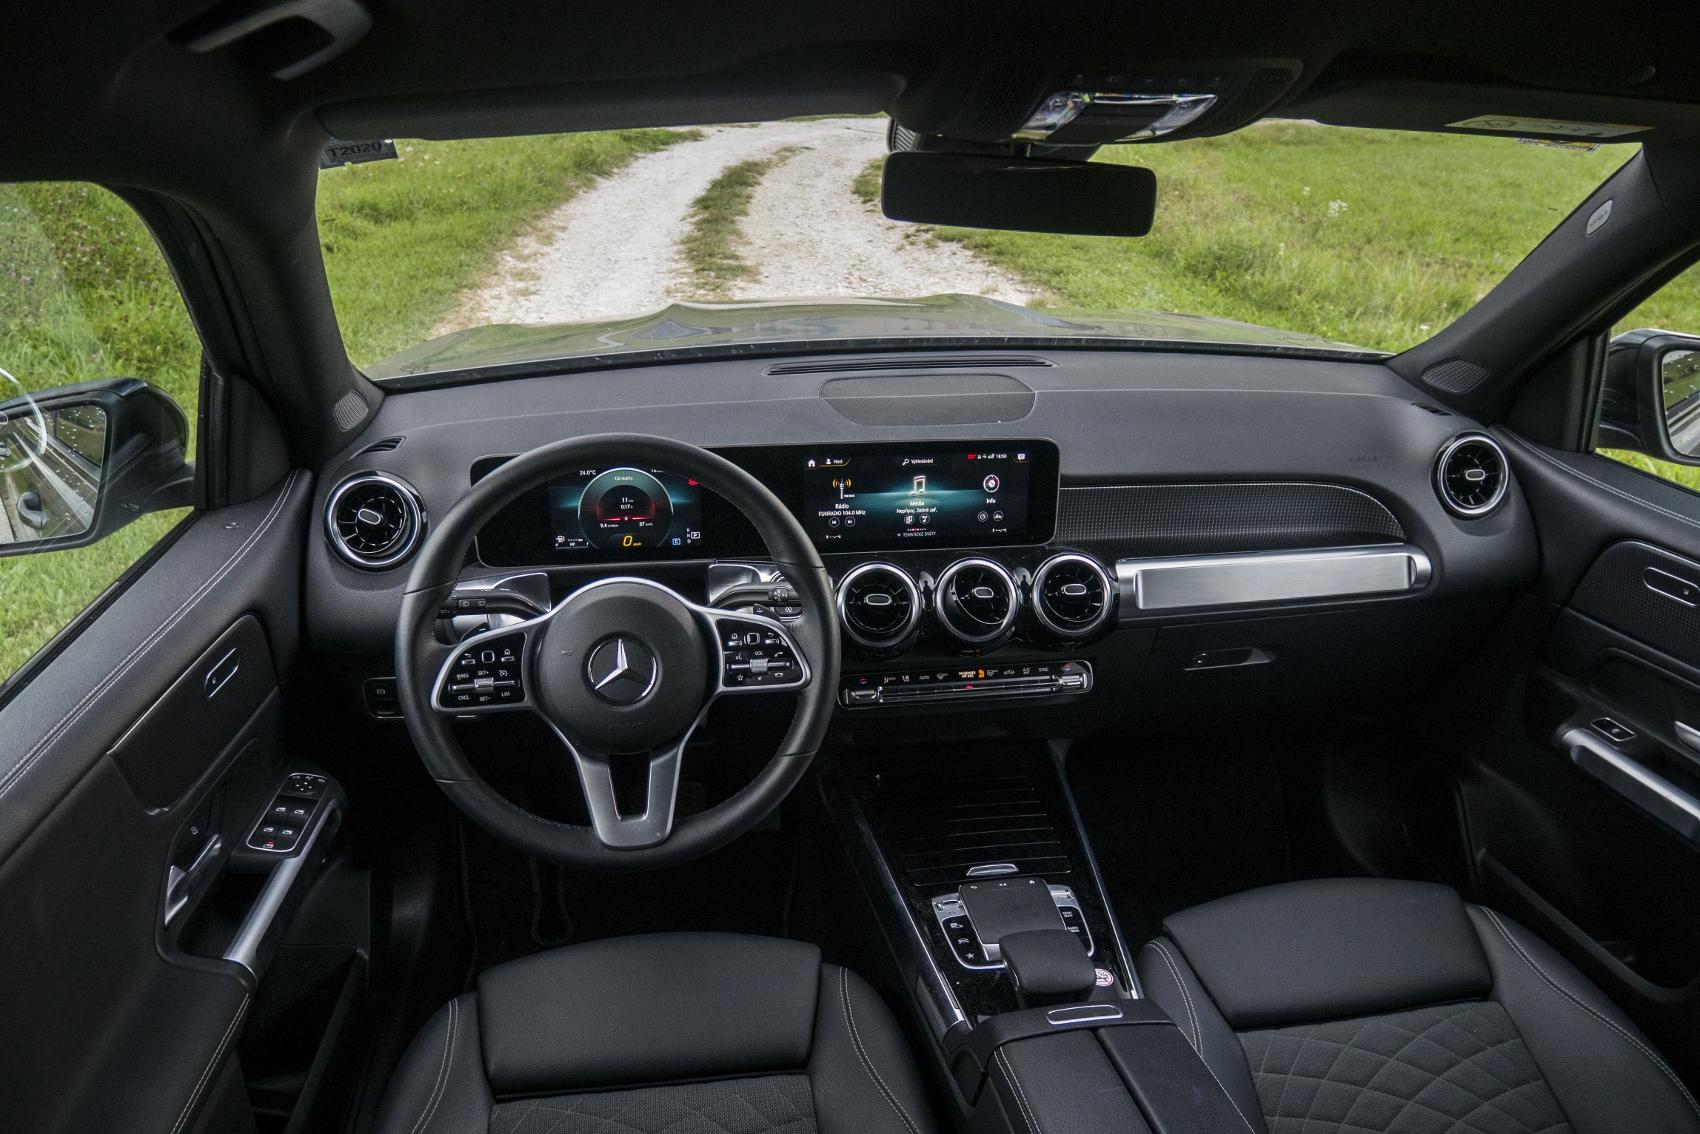 Test: Mercedes GLB 200 ponúka veľký priestor v malom balení AEYsz998wQ mercedes-glb-24-1700x1134